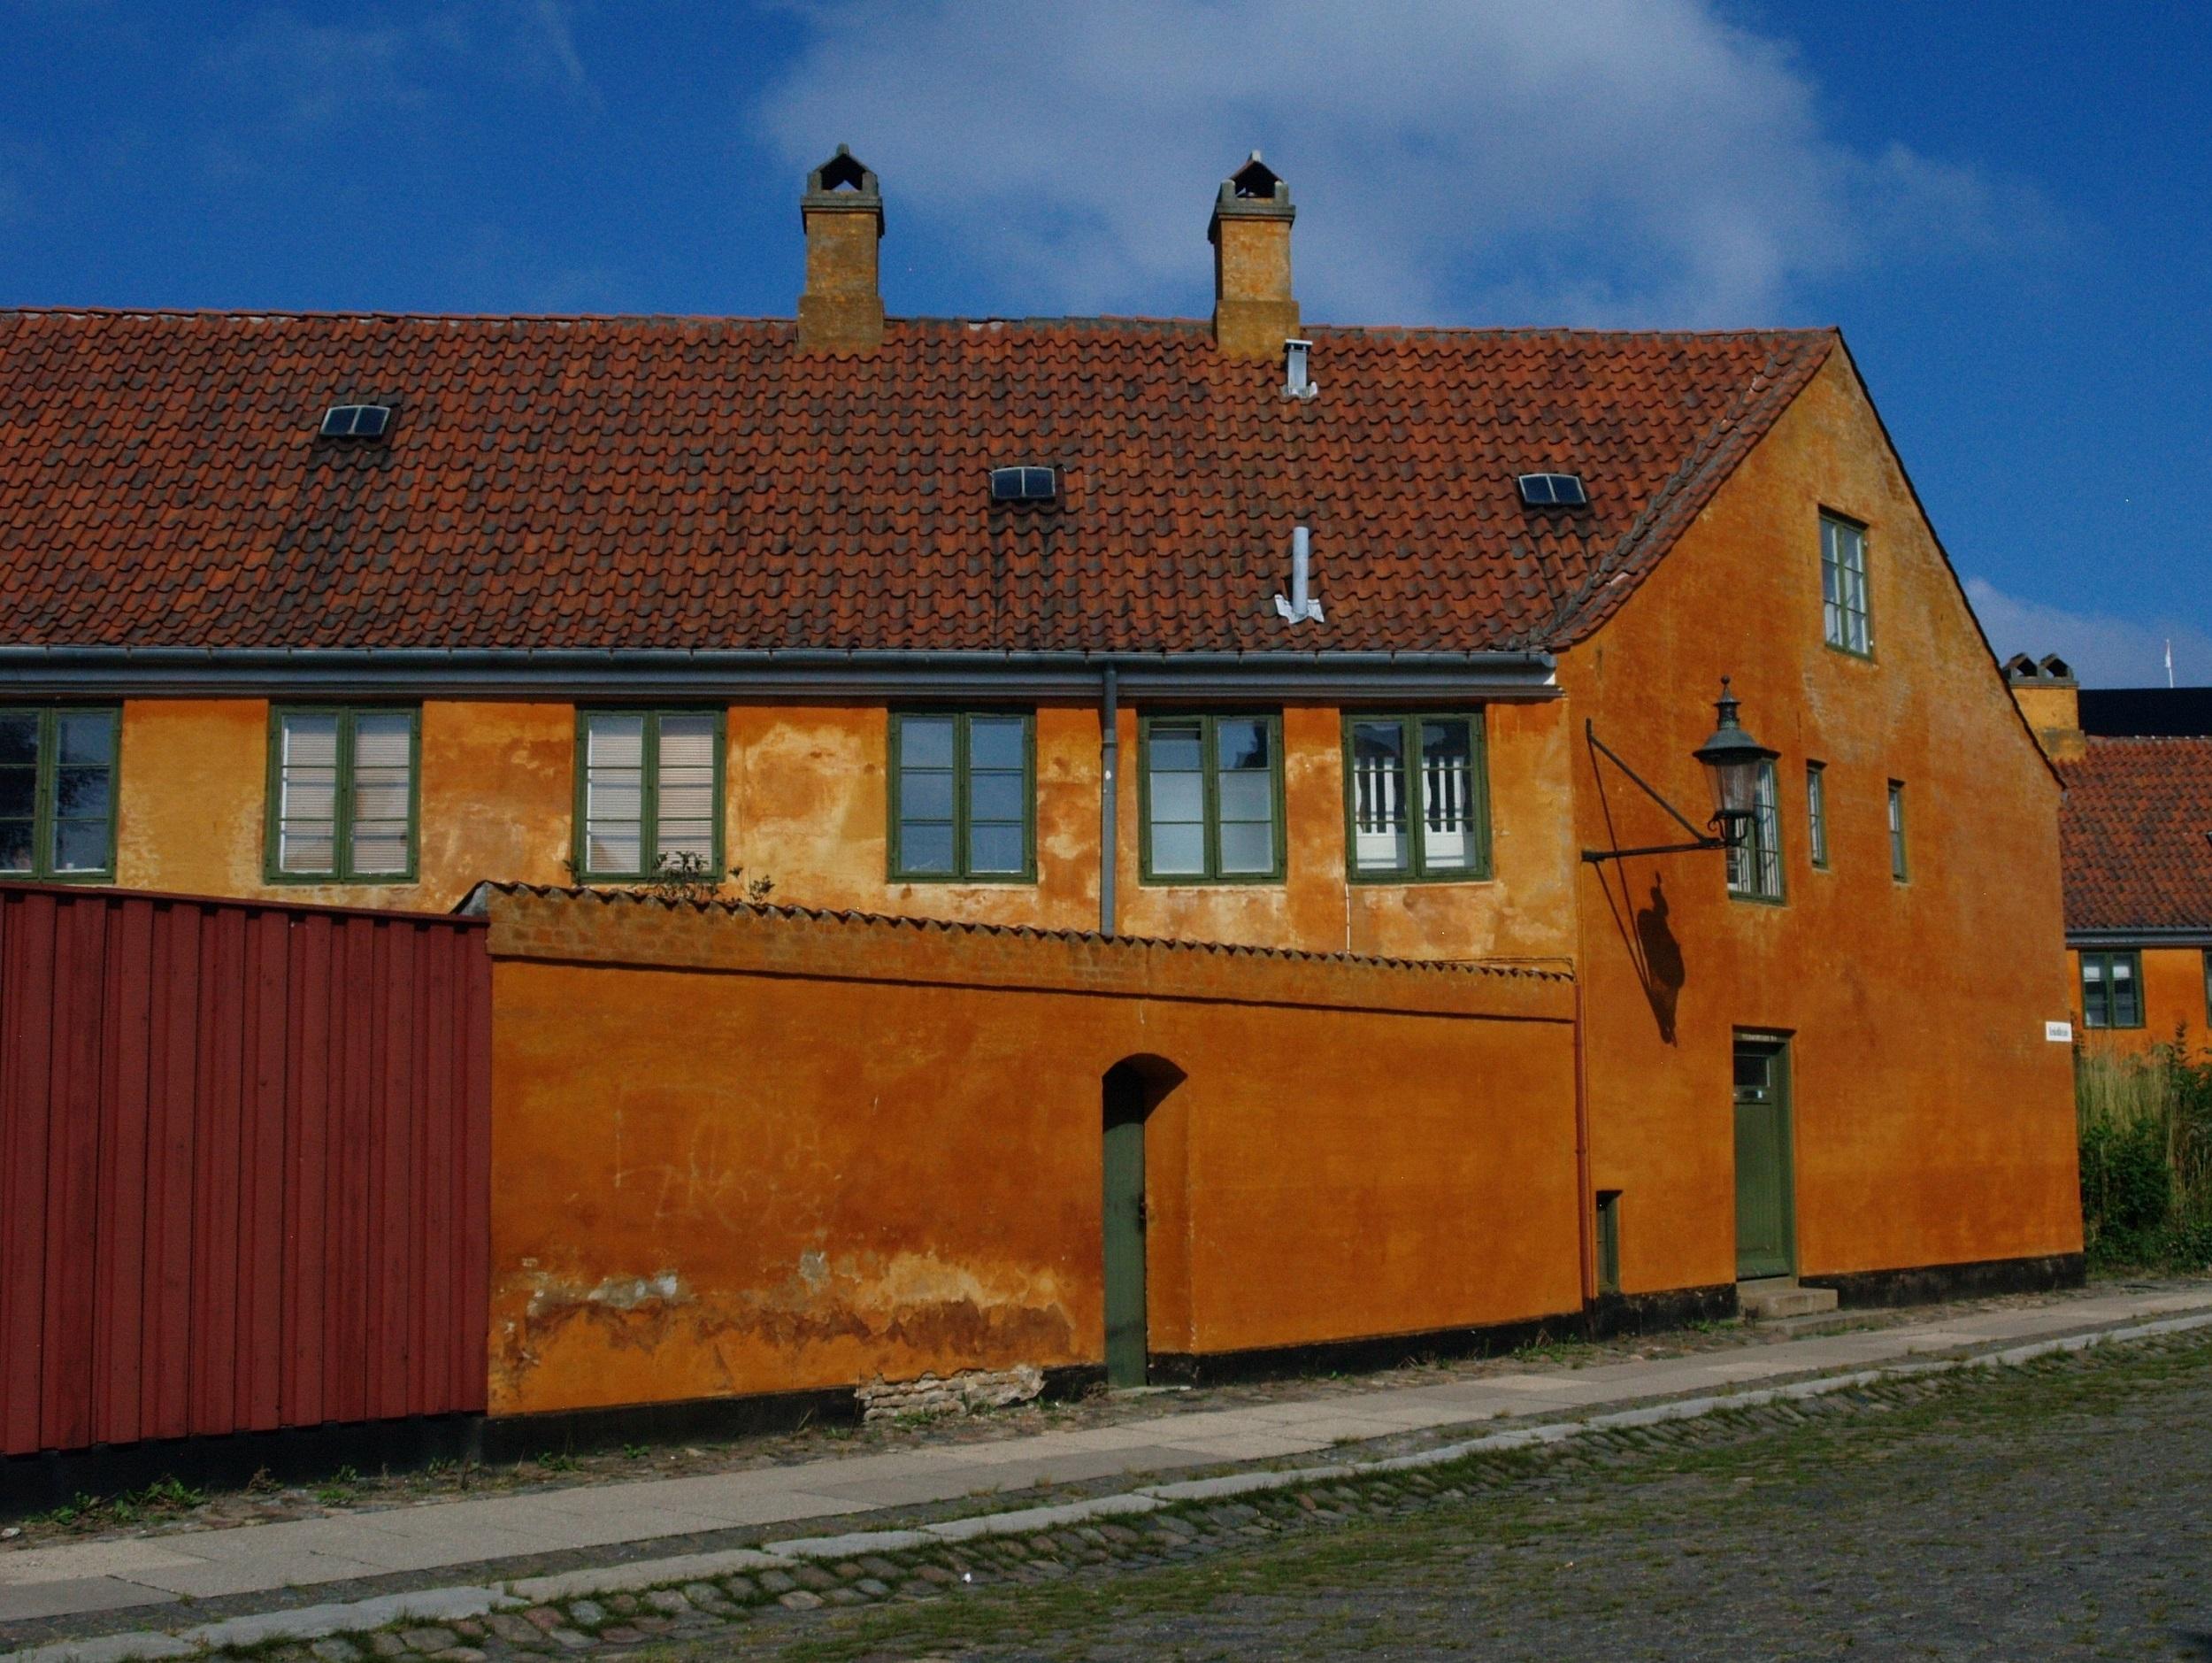 Kopenhaga. Żółte domy w dzielnicy Nyboder